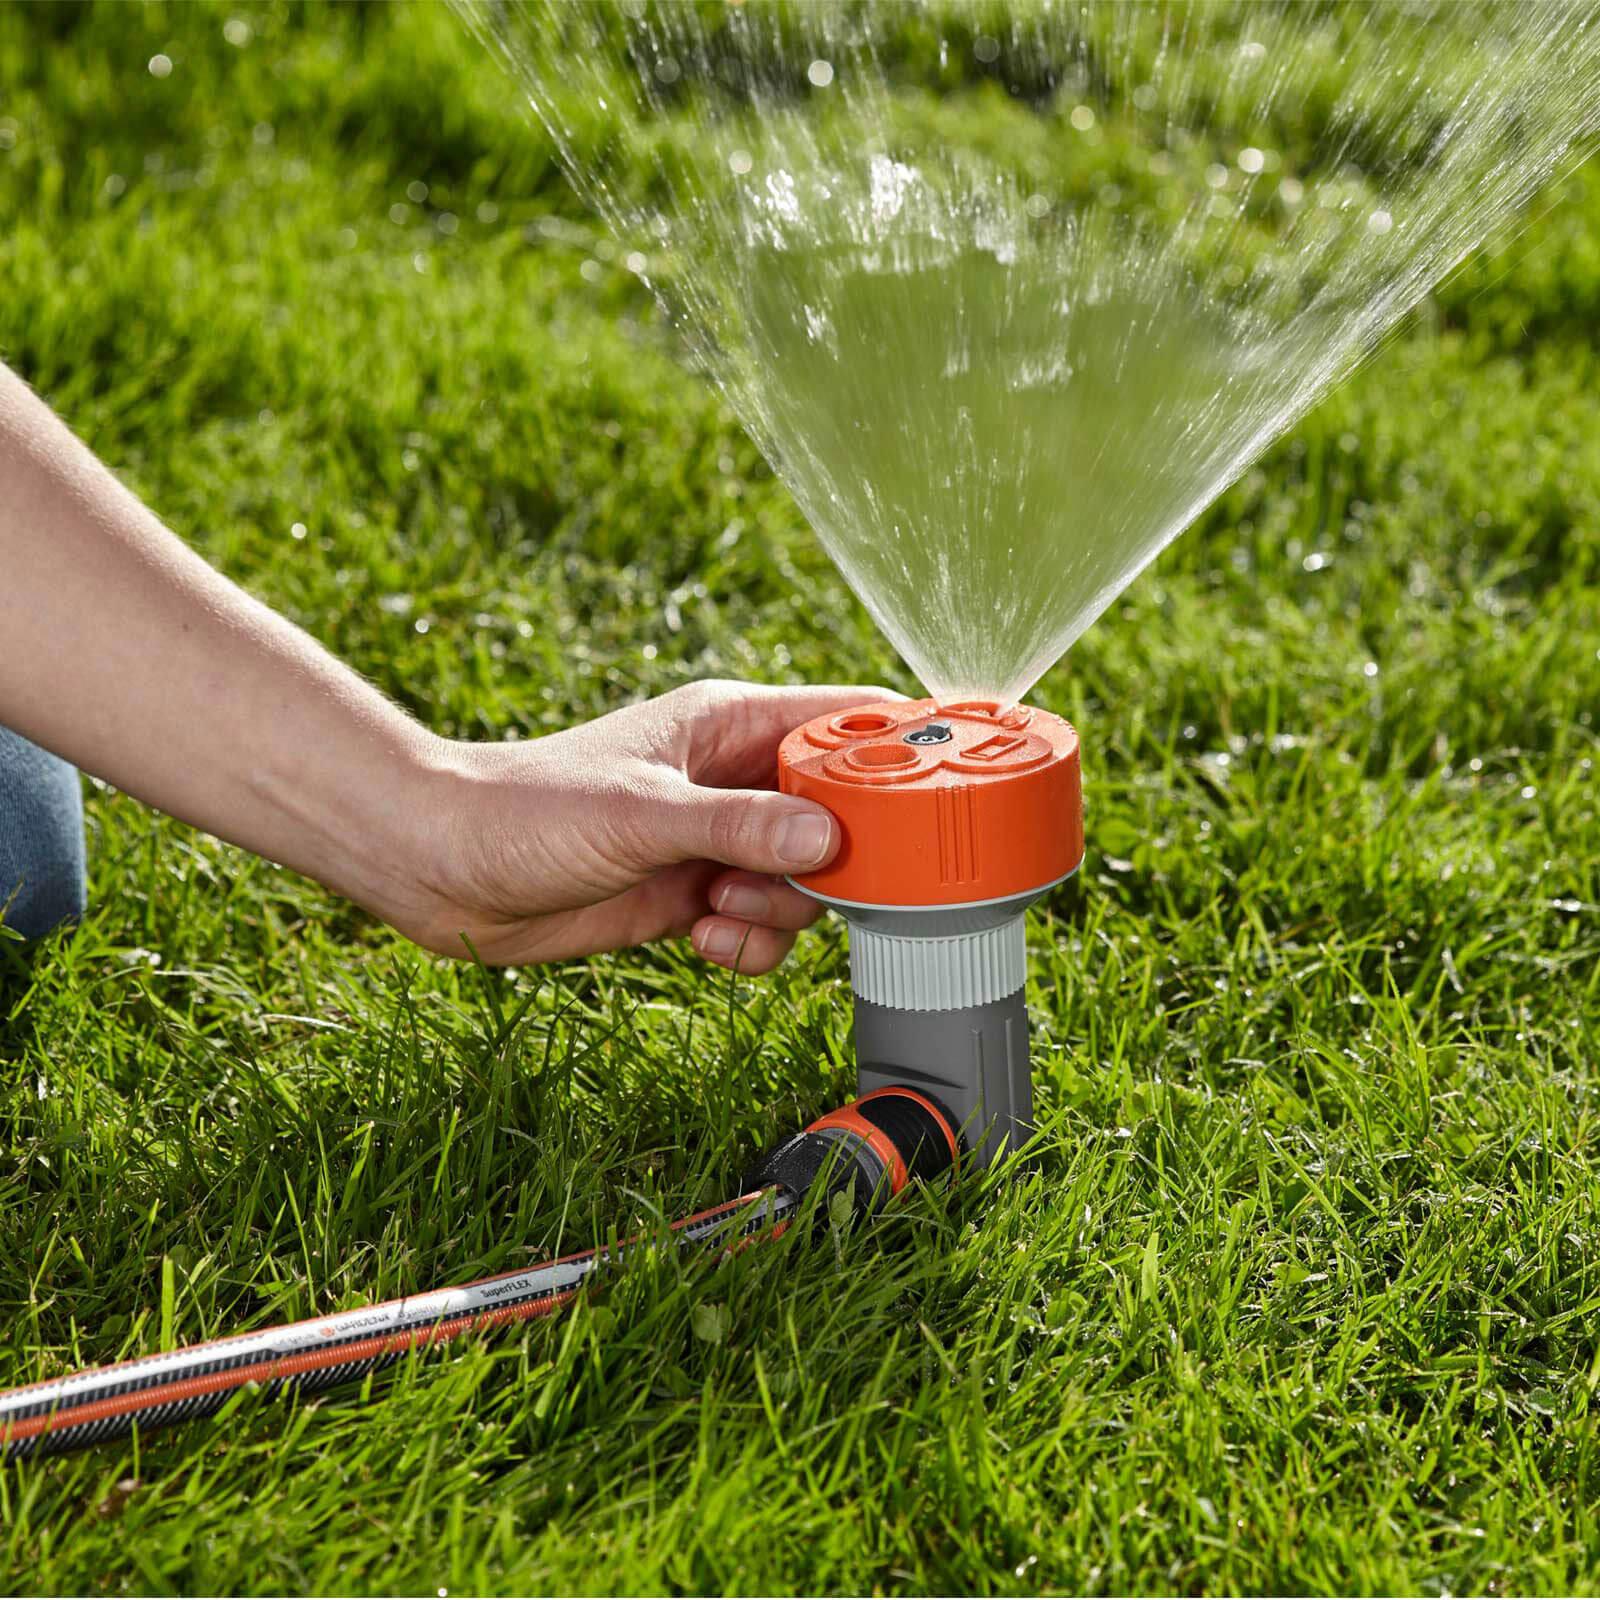 Gardena 4 pattern sprinkler twist with hose connector